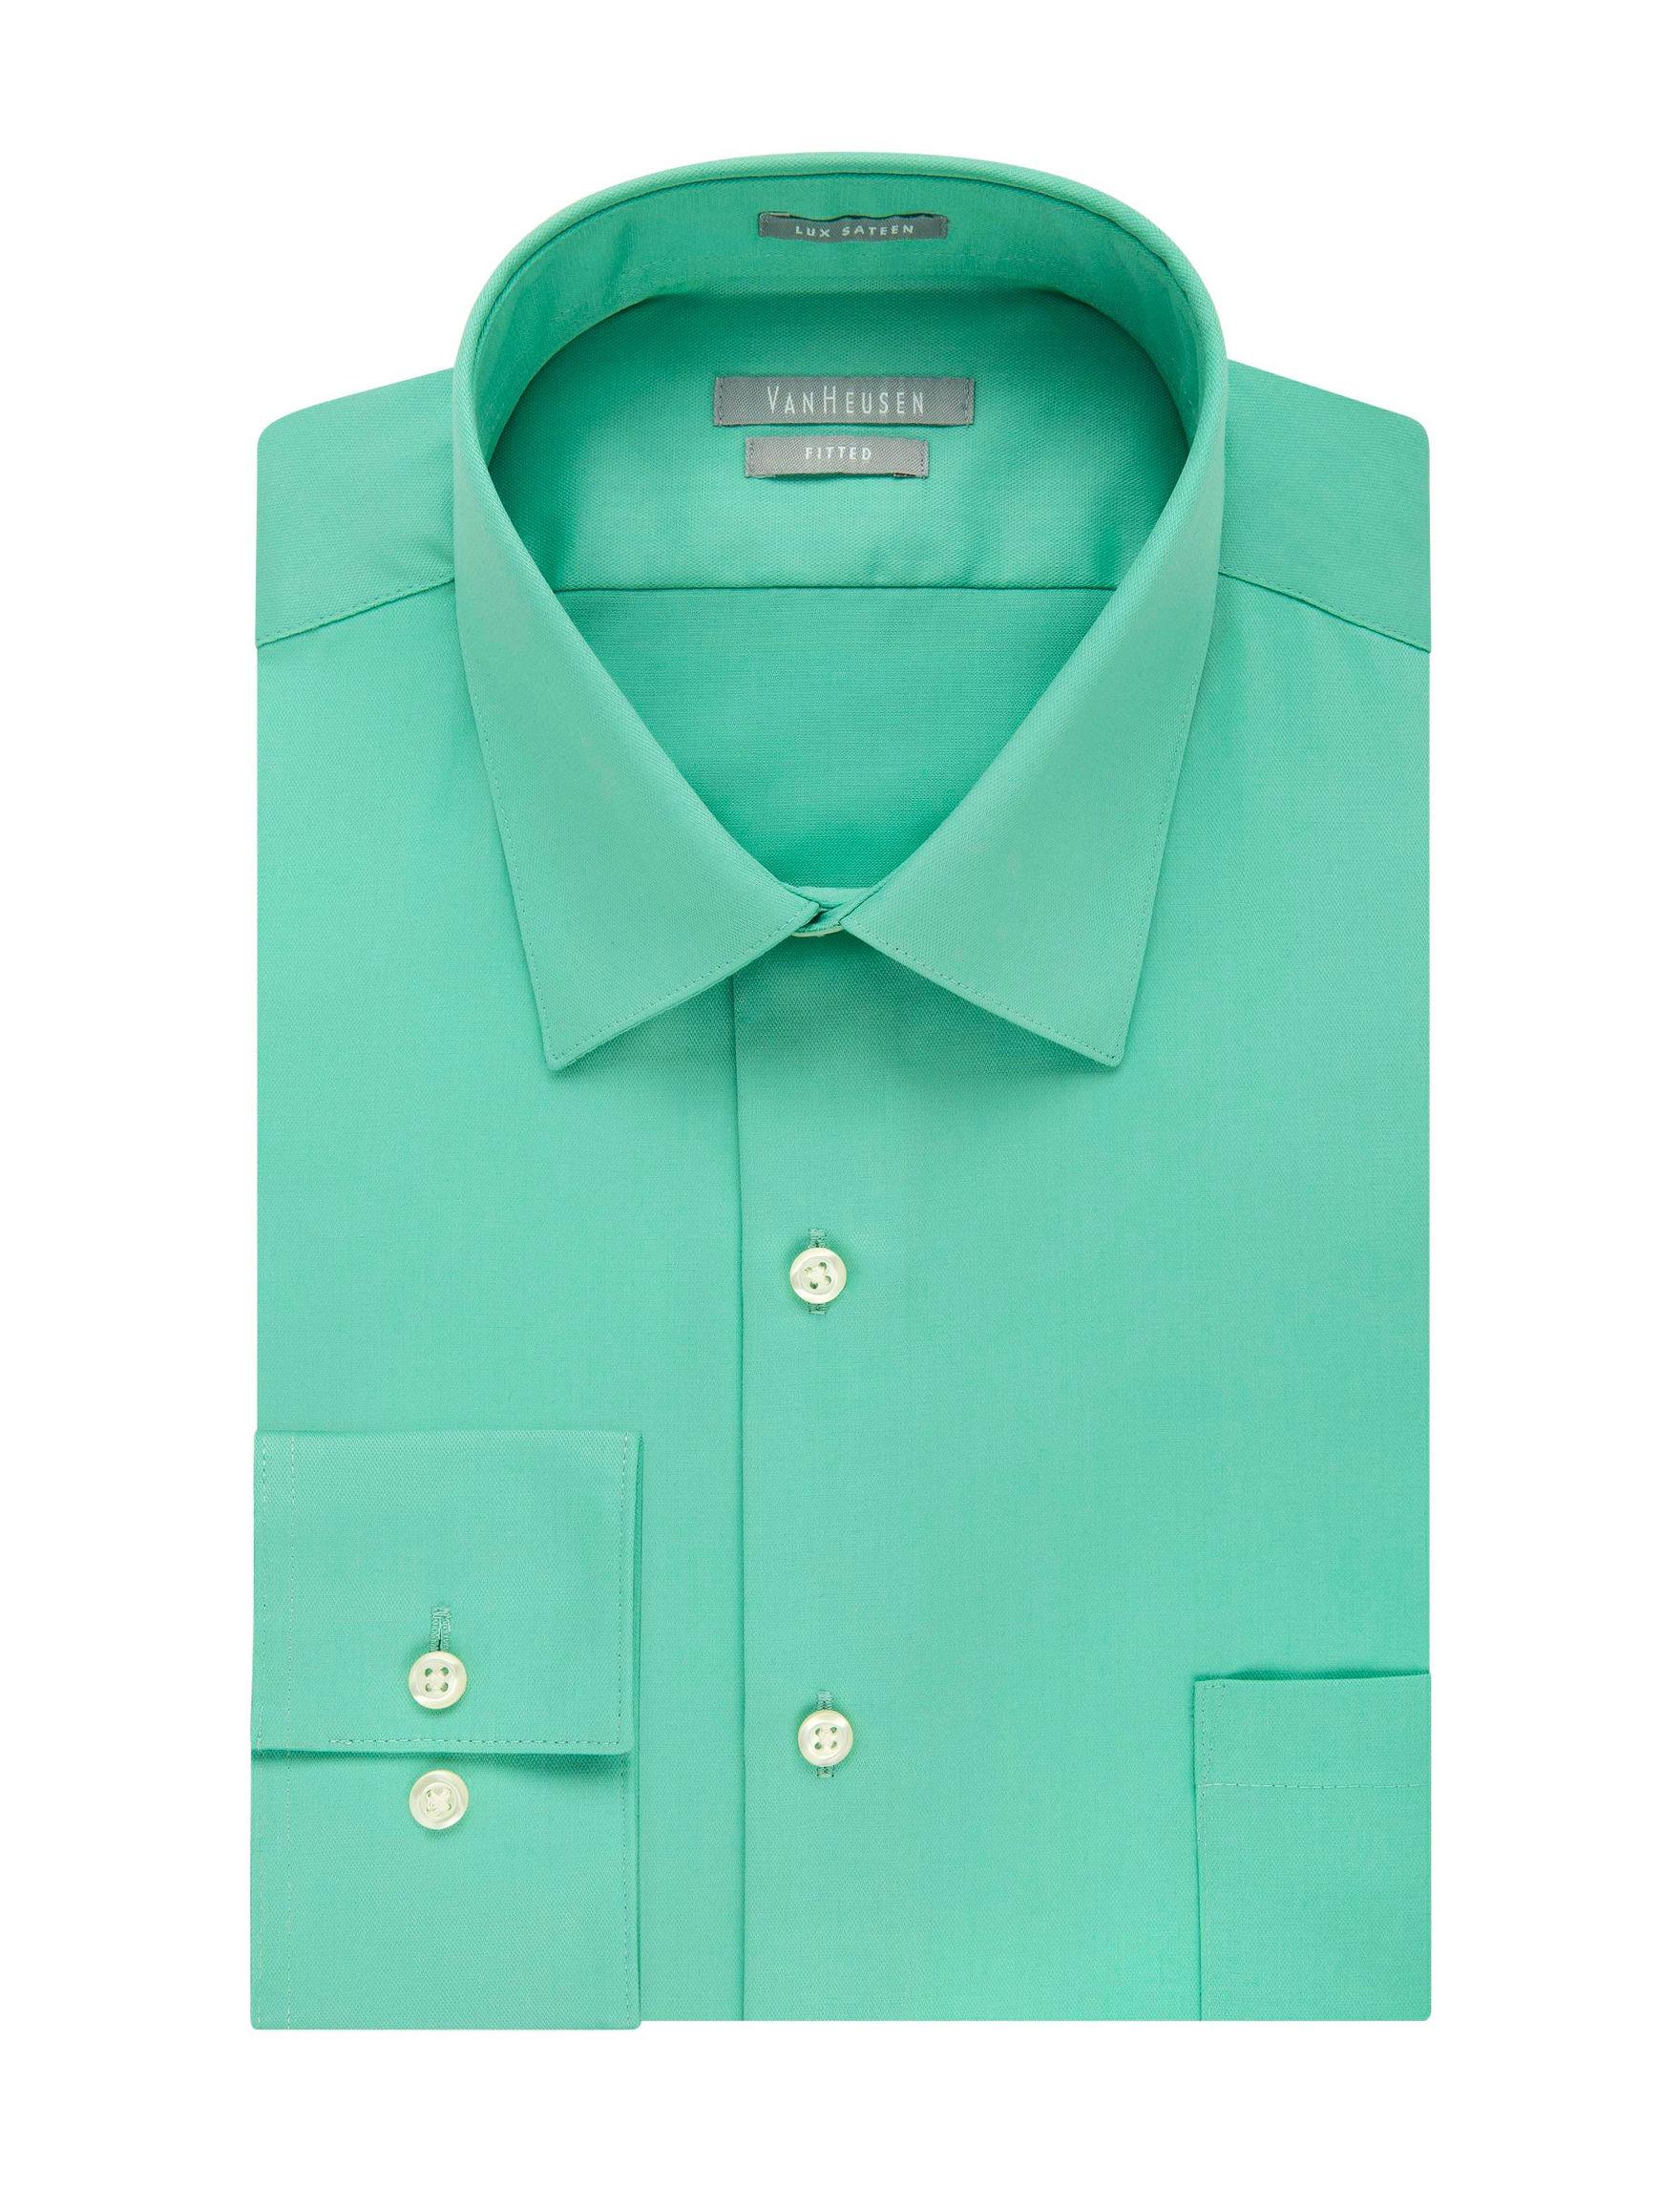 Van Heusen Green Dress Shirts